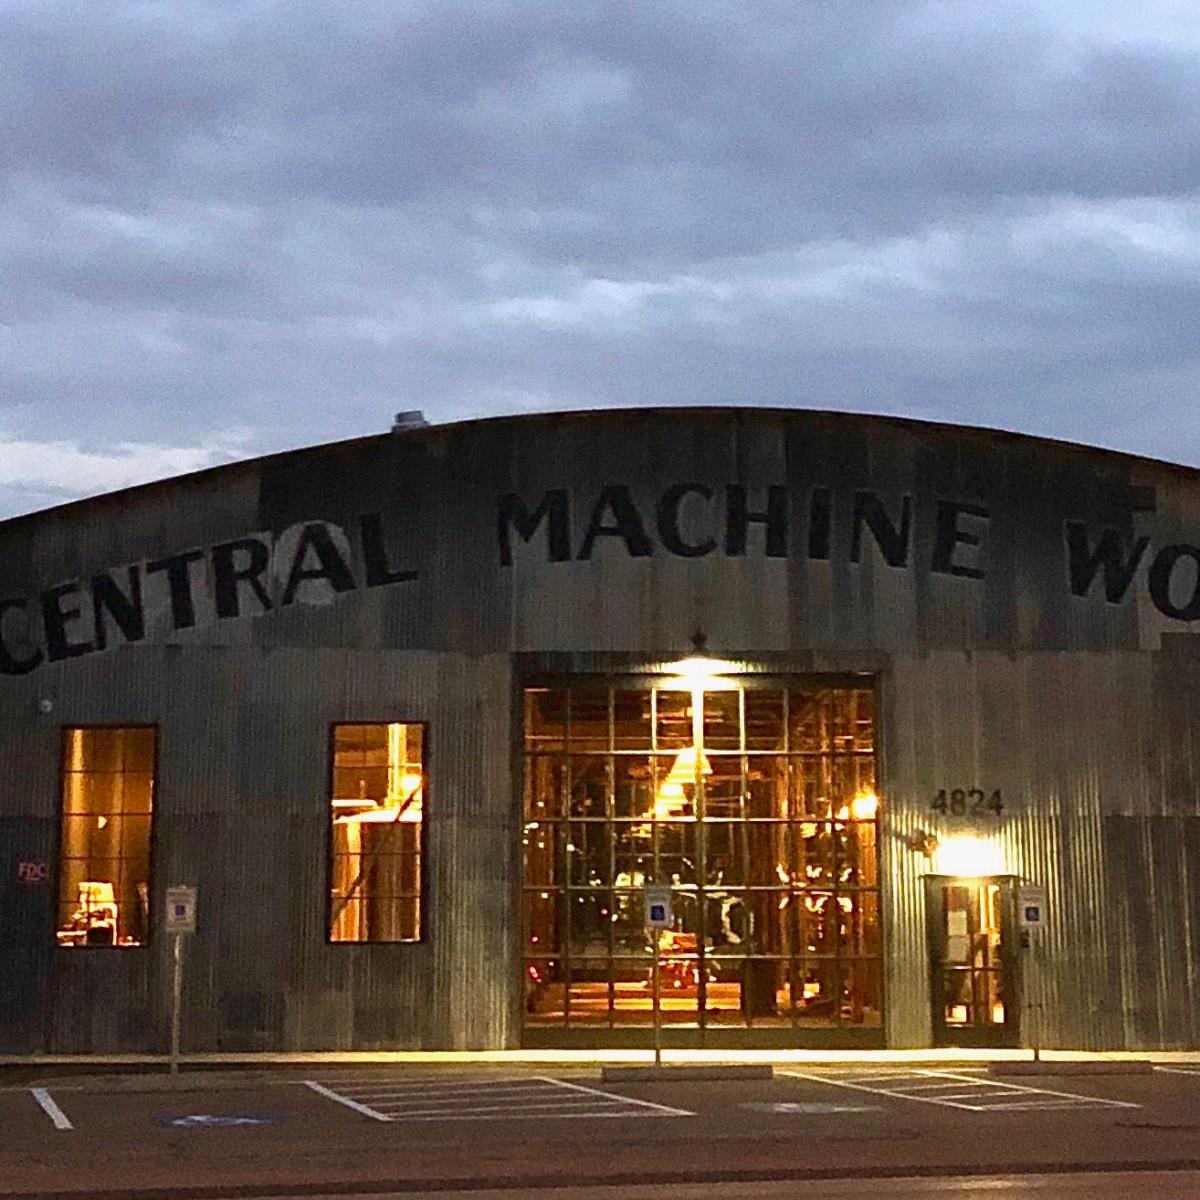 Central Machine Works Brewery Austin